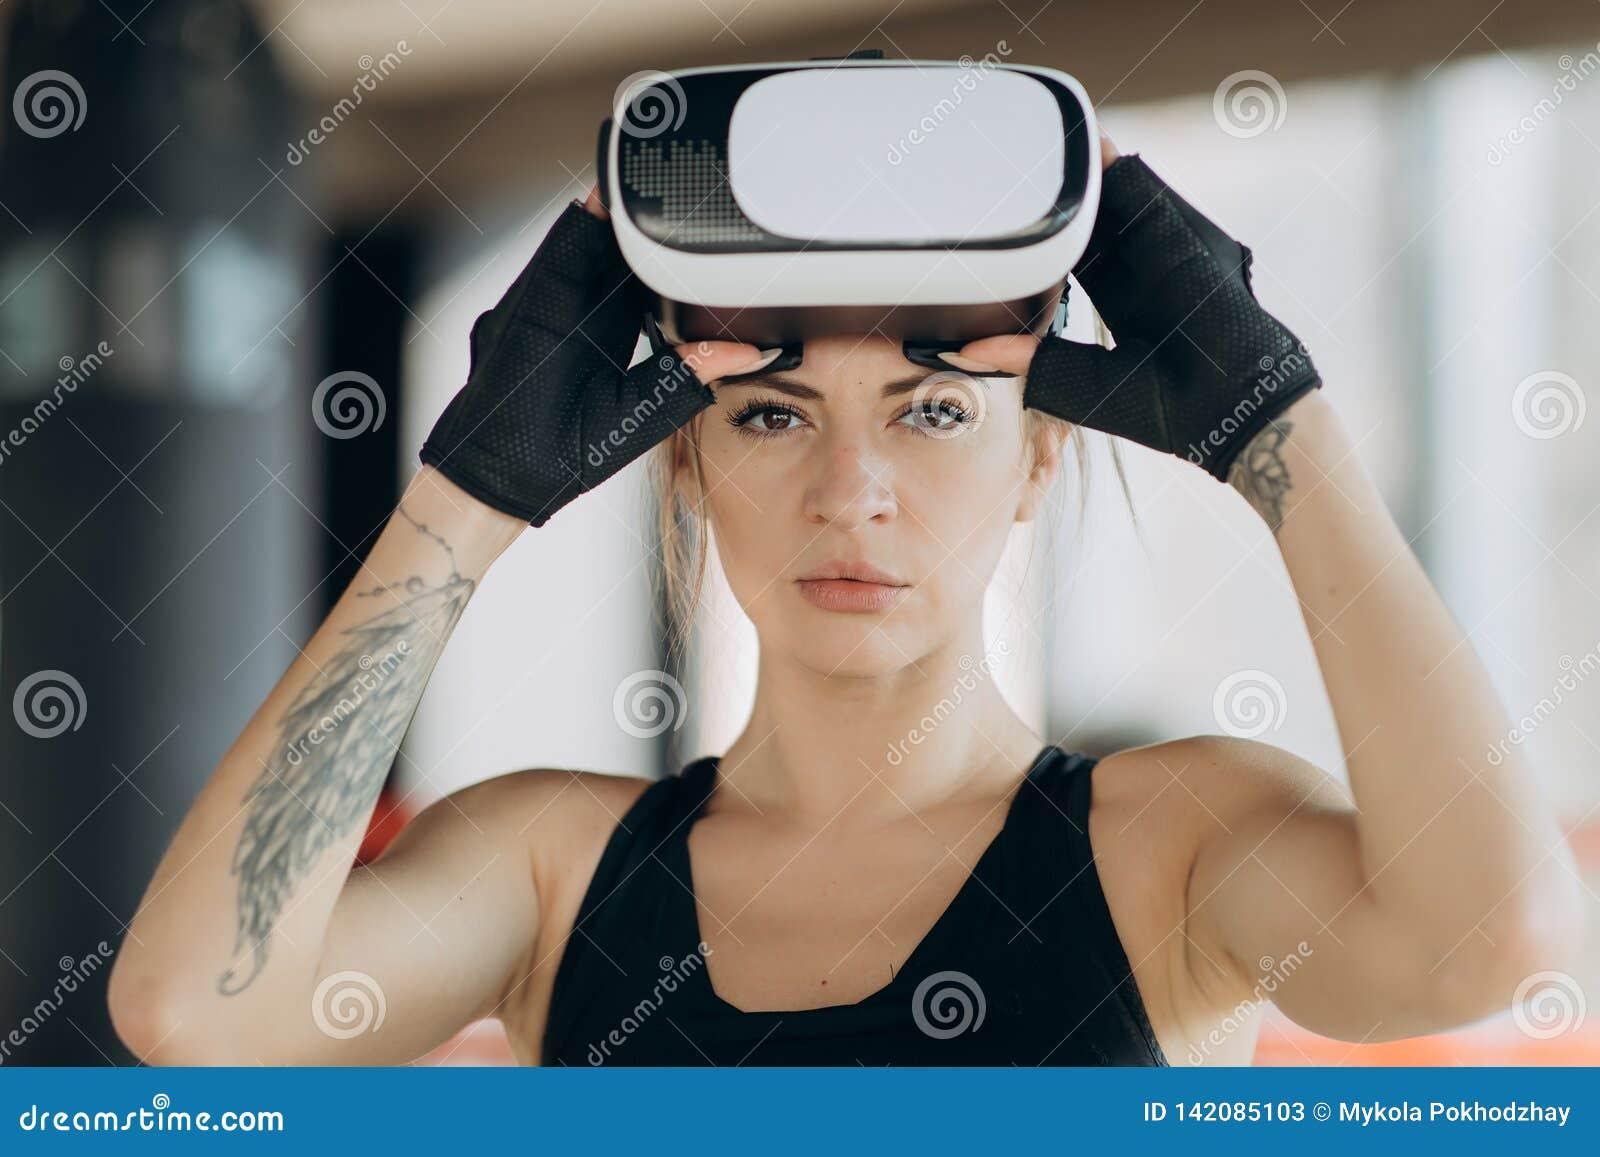 戴被增添的现实眼镜的游戏玩家站立在演奏行动模拟器比赛流动应用程序的拳击姿态,女性